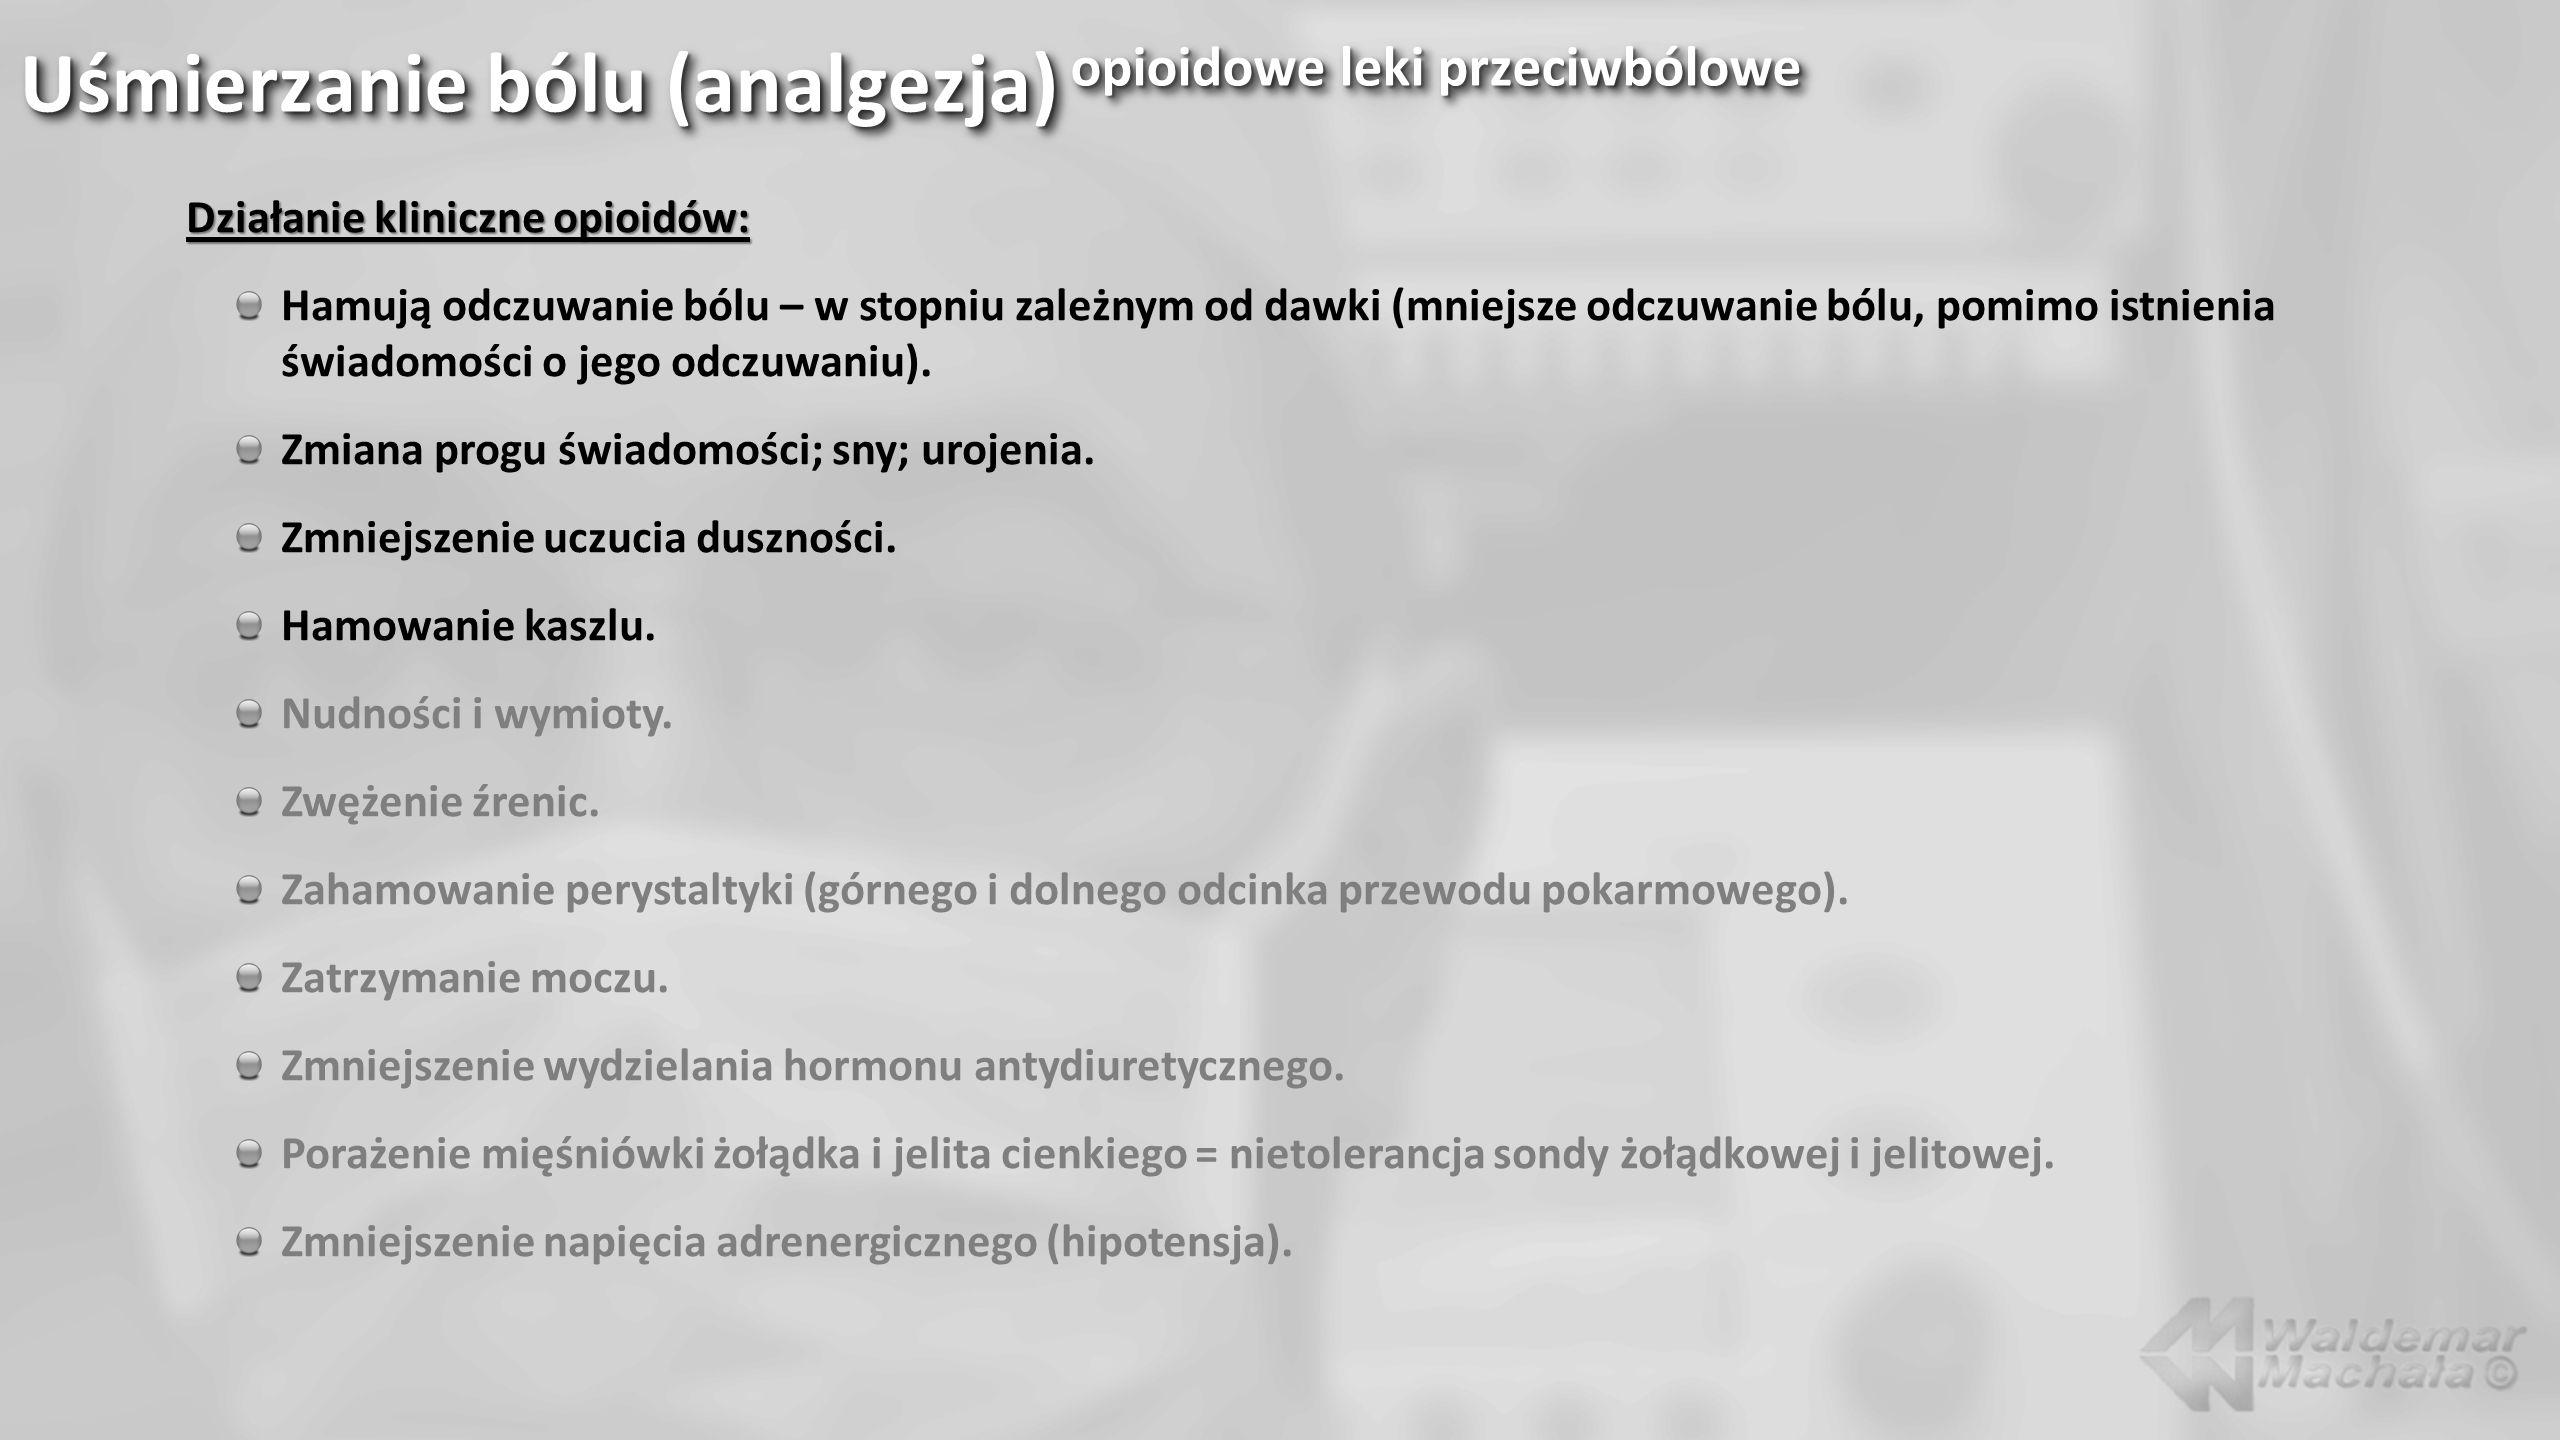 Uśmierzanie bólu (analgezja) opioidowe leki przeciwbólowe